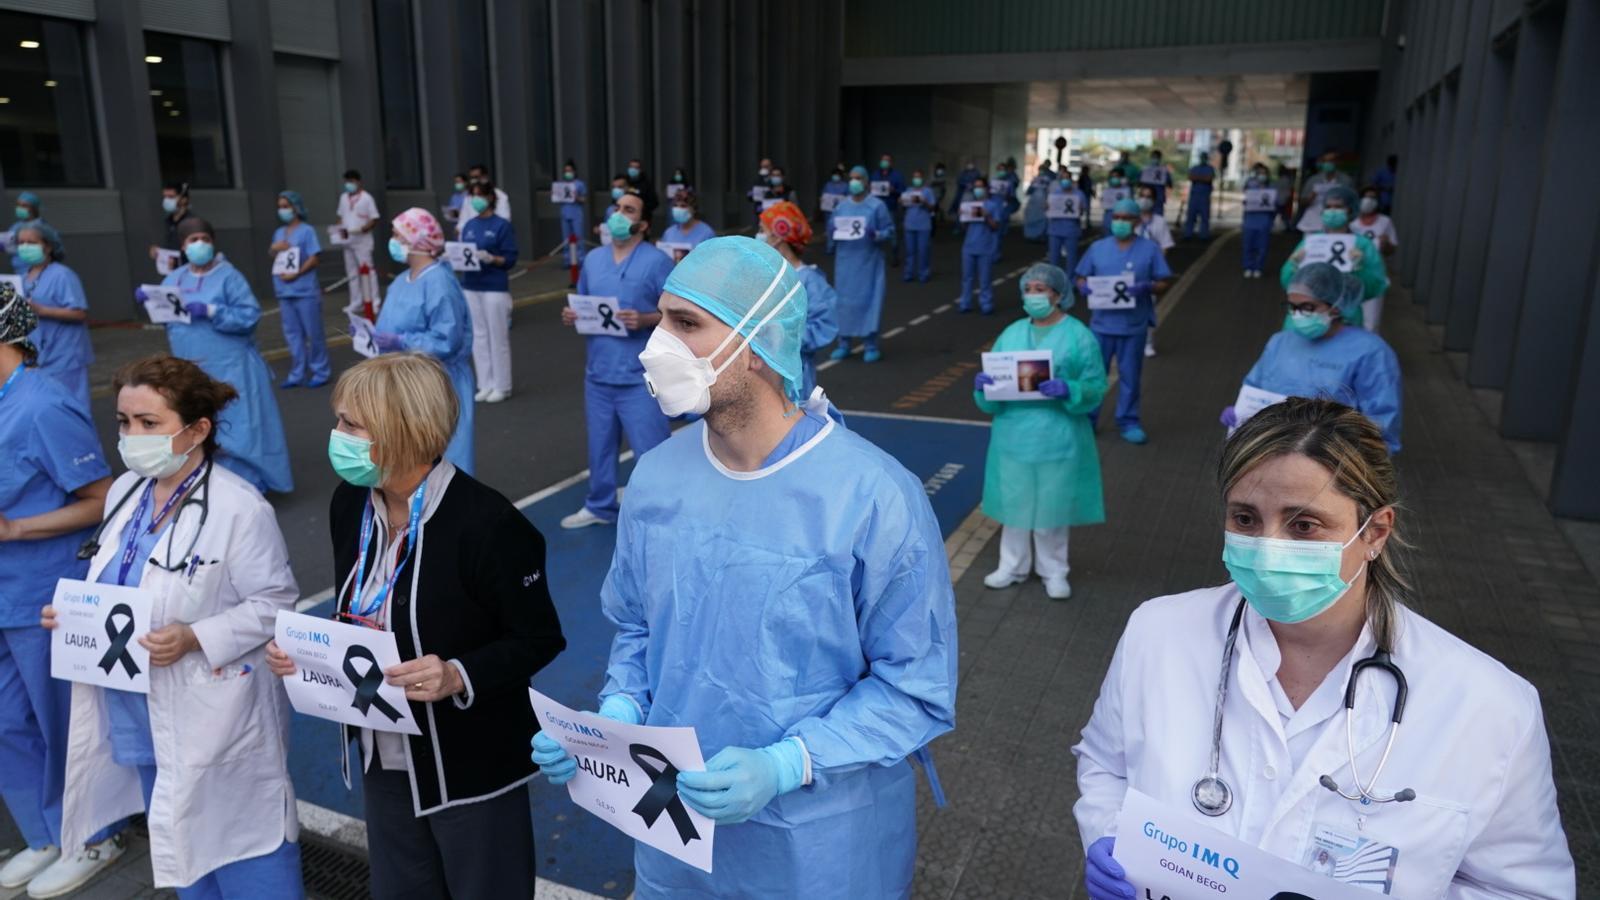 Homenatge ahir a la infermera de 36 anys d'una clínica de Bilbao morta després de contagiar-se de coronavirus.